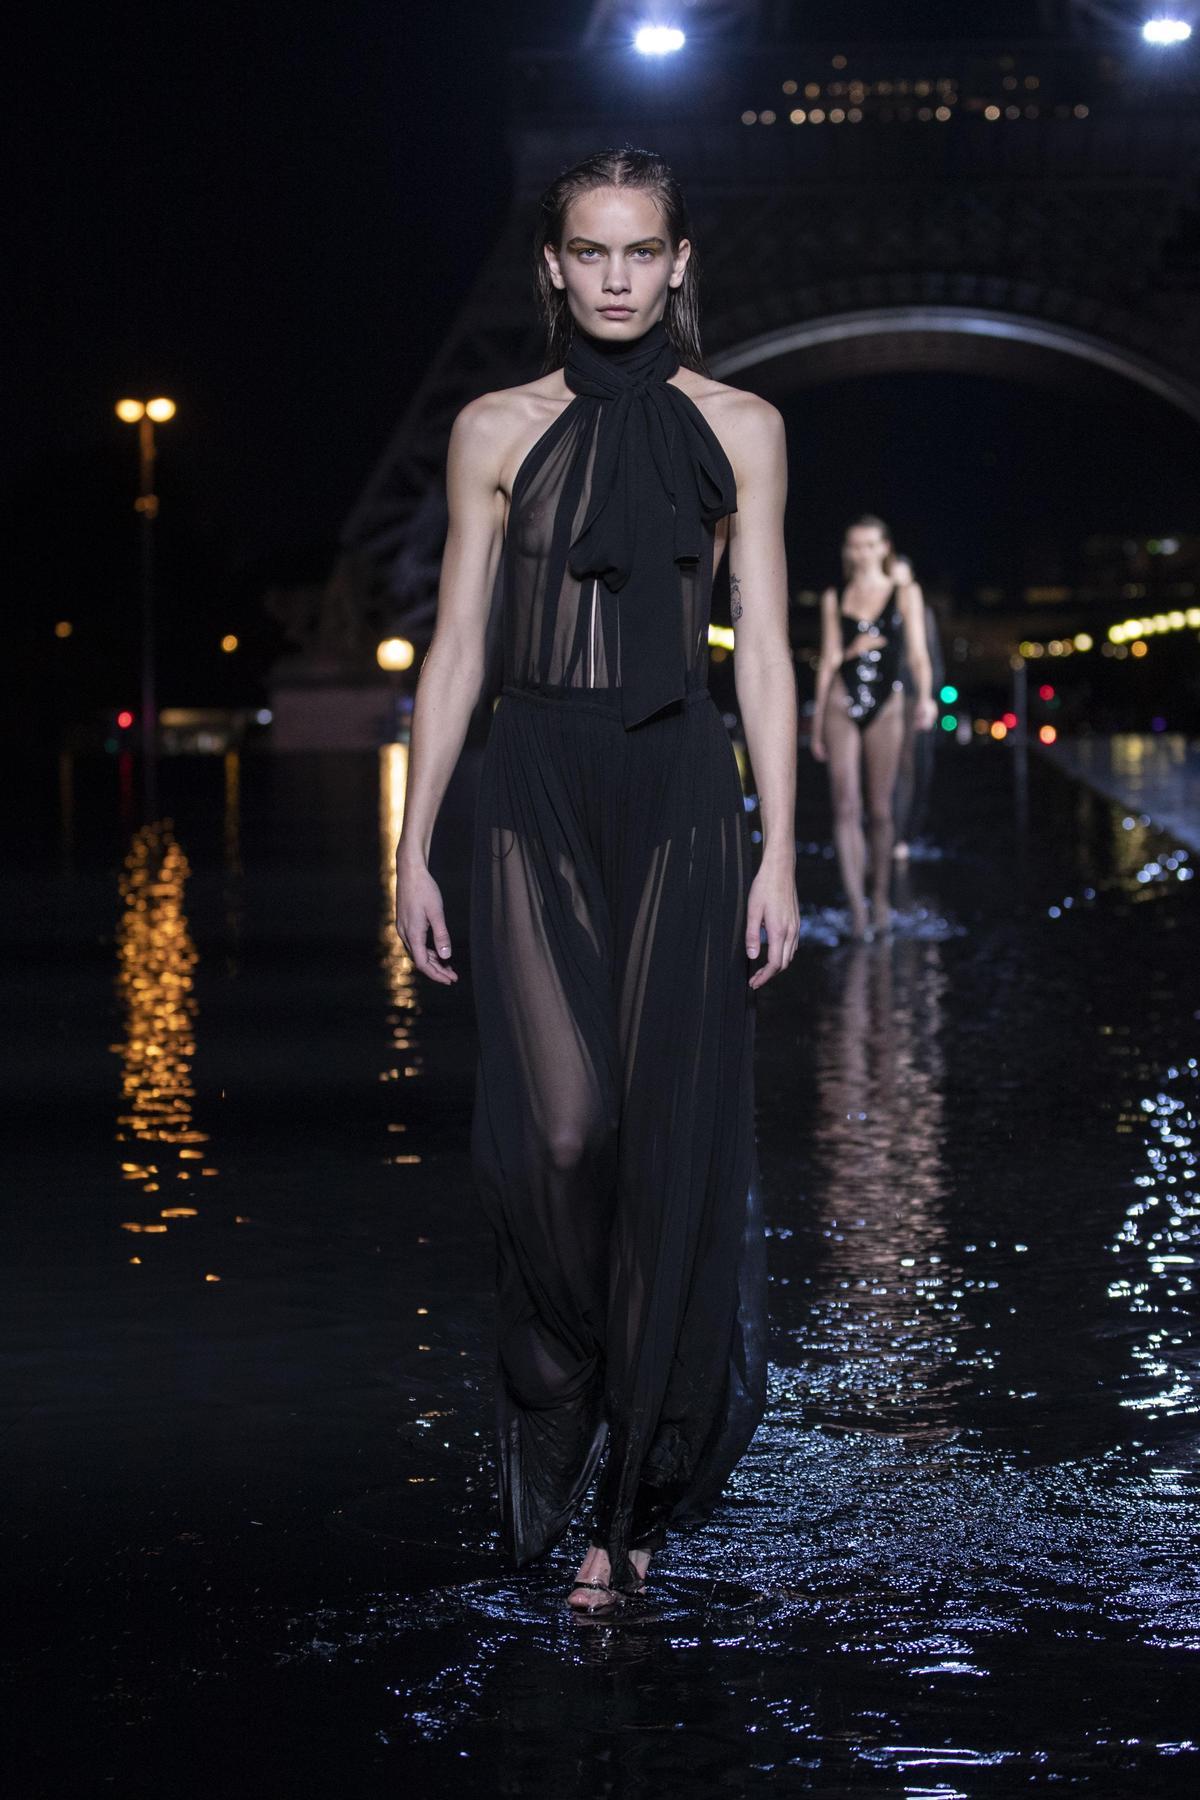 SAINT LAURENT秀上model走秀時的服裝原貌。(SAINT LAURENT提供)